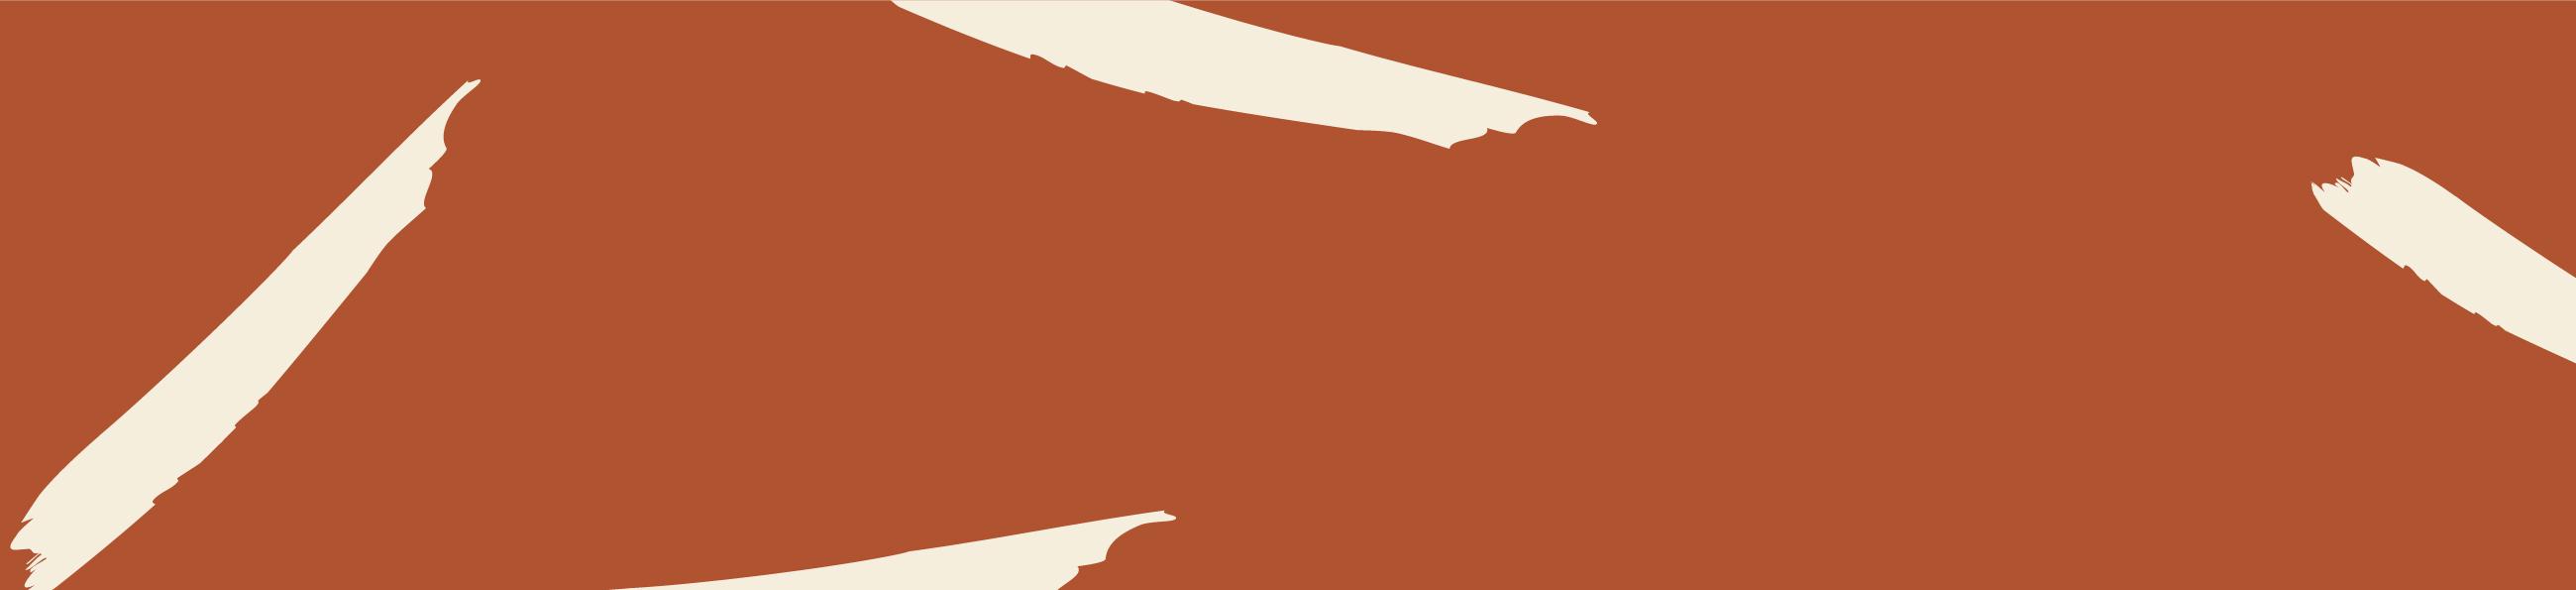 mariebabeau-graphiste-creation-logo-strasbourg-alsace